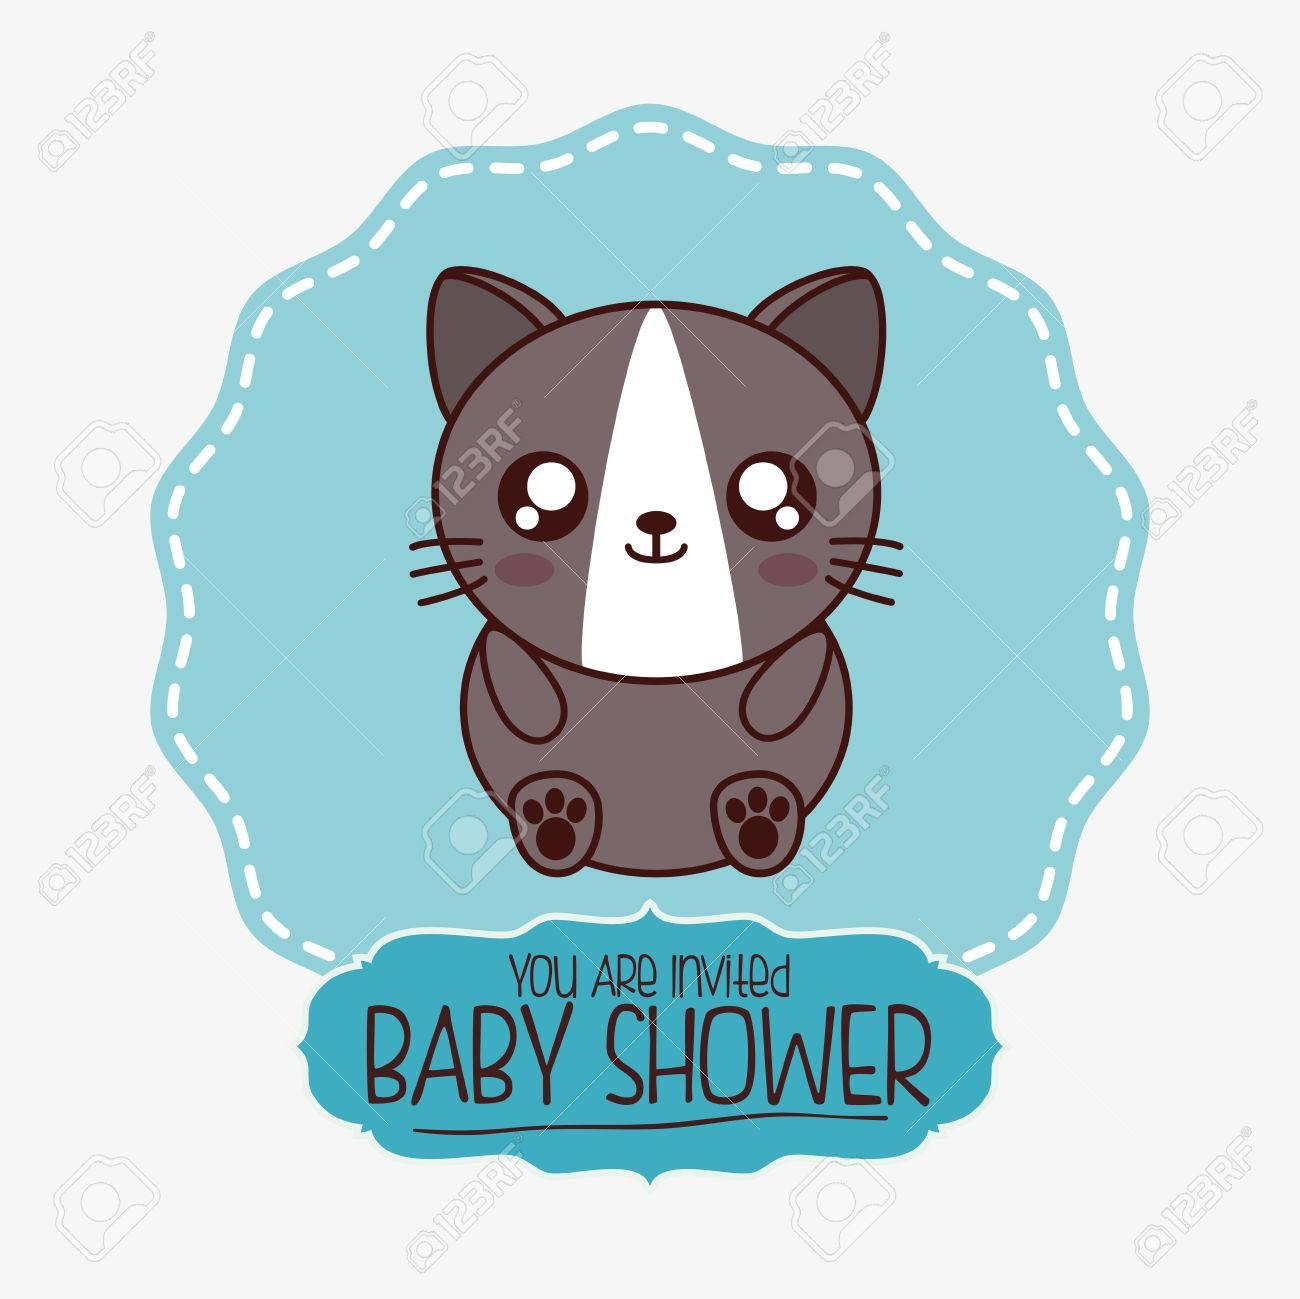 Gato Del Dibujo Animado Del Kawaii Icono De La Ducha Del Bebe